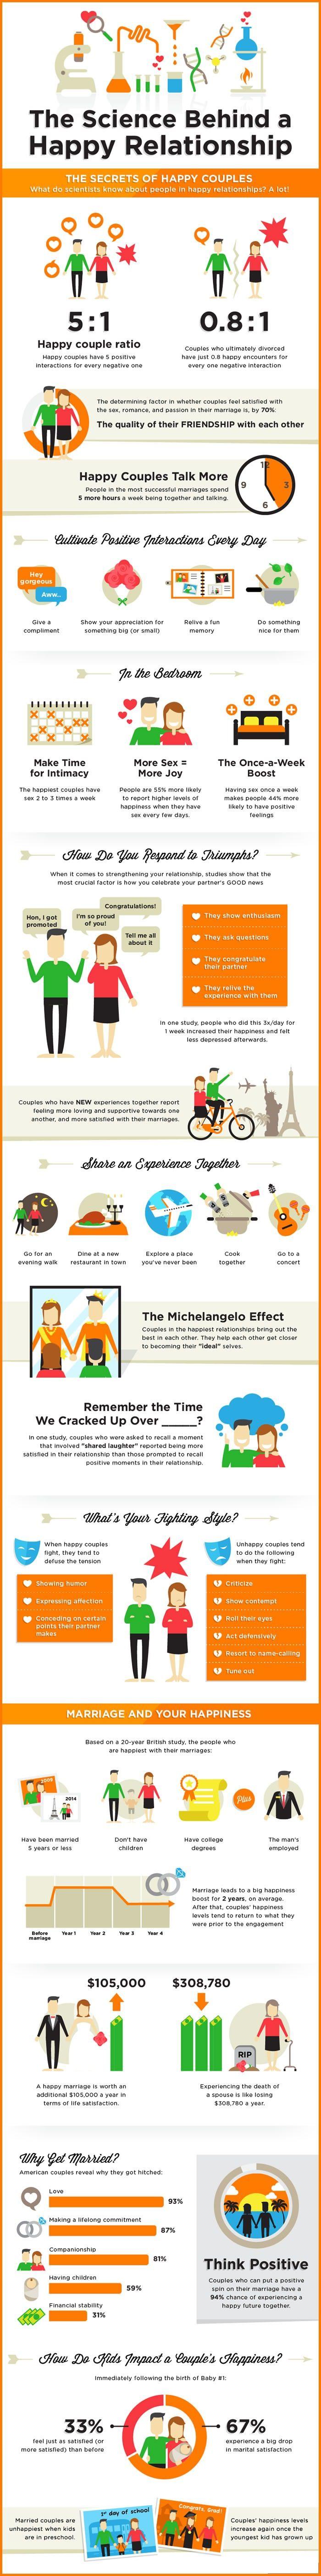 happy couples vs unhappy couples